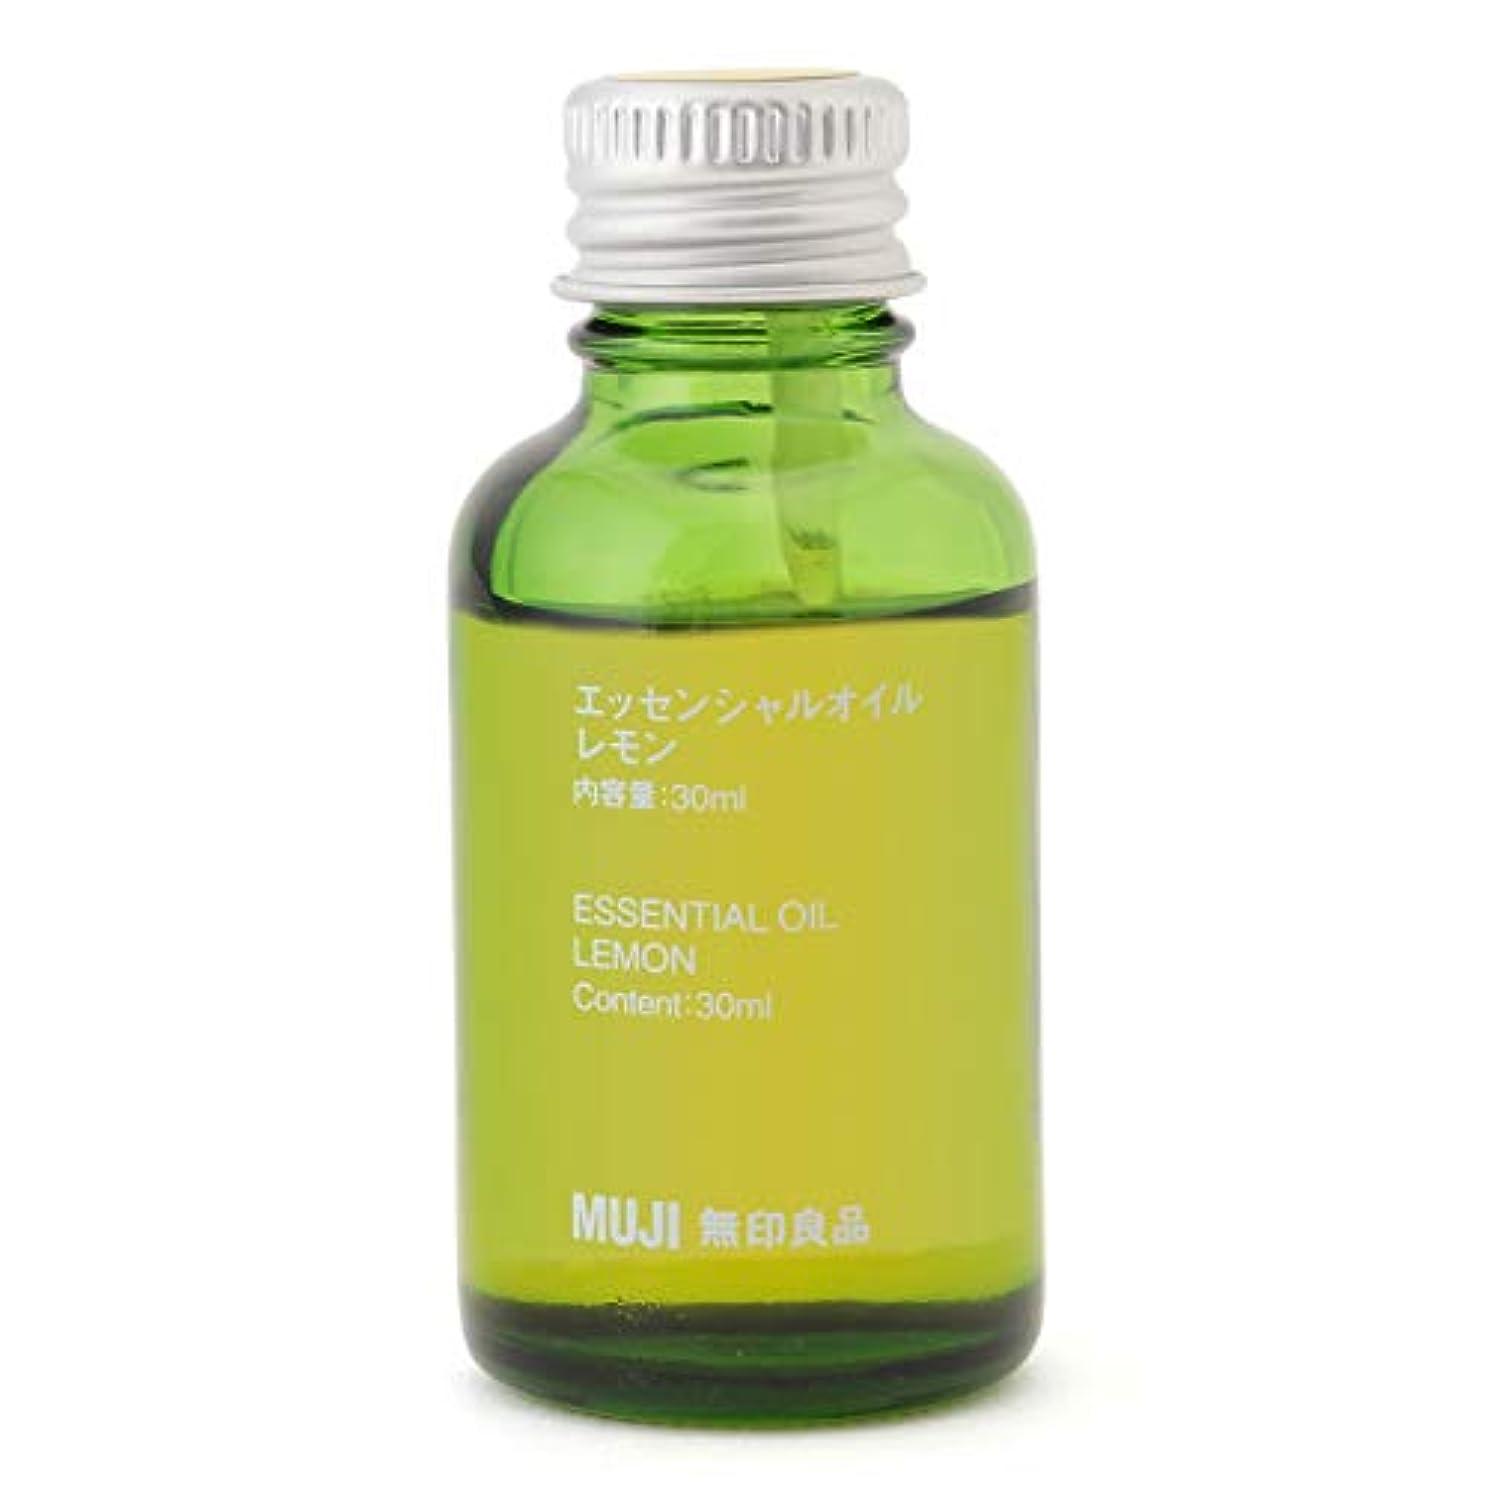 どのくらいの頻度で慎重につぶやき【無印良品】エッセンシャルオイル30ml(レモン)